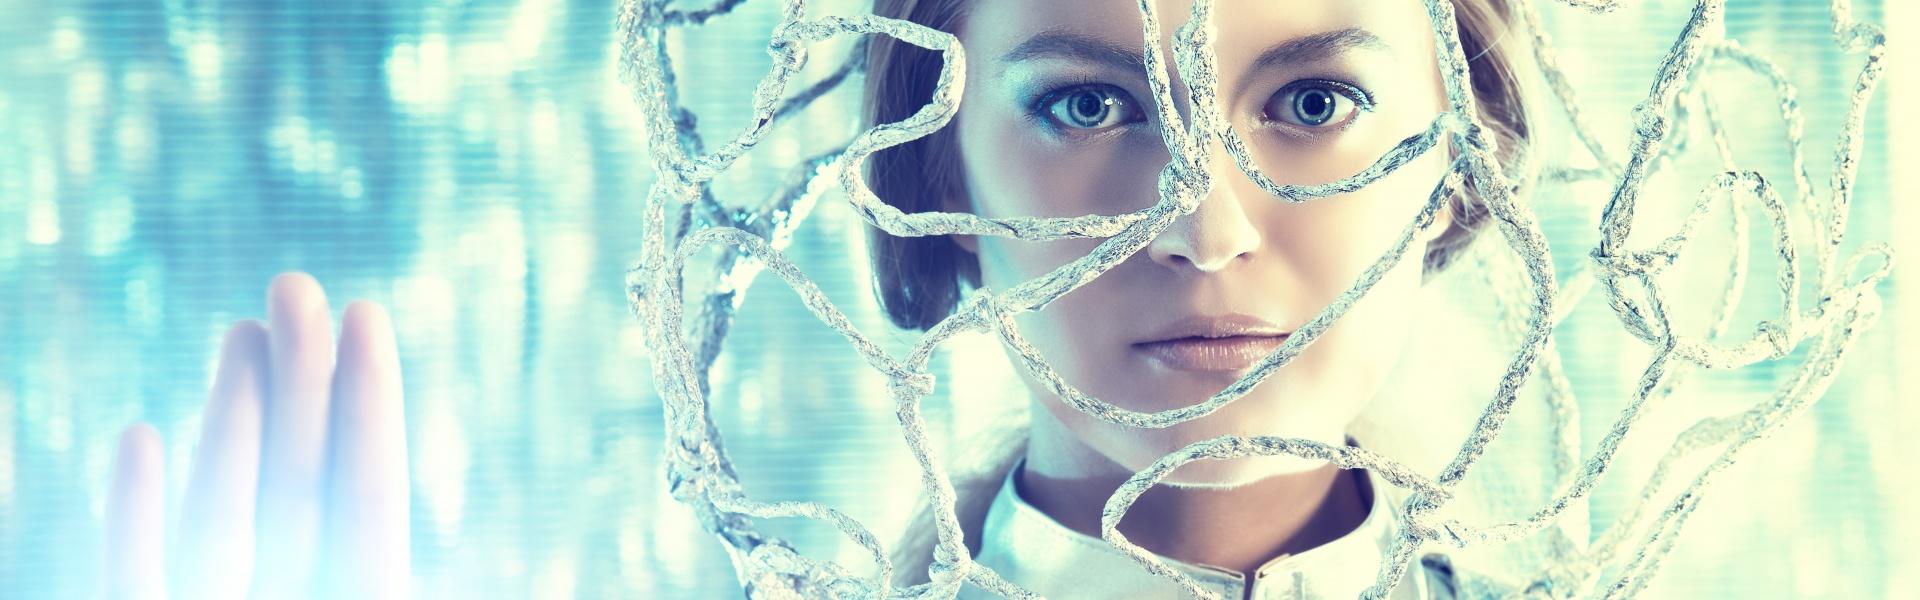 Belleza Futurista